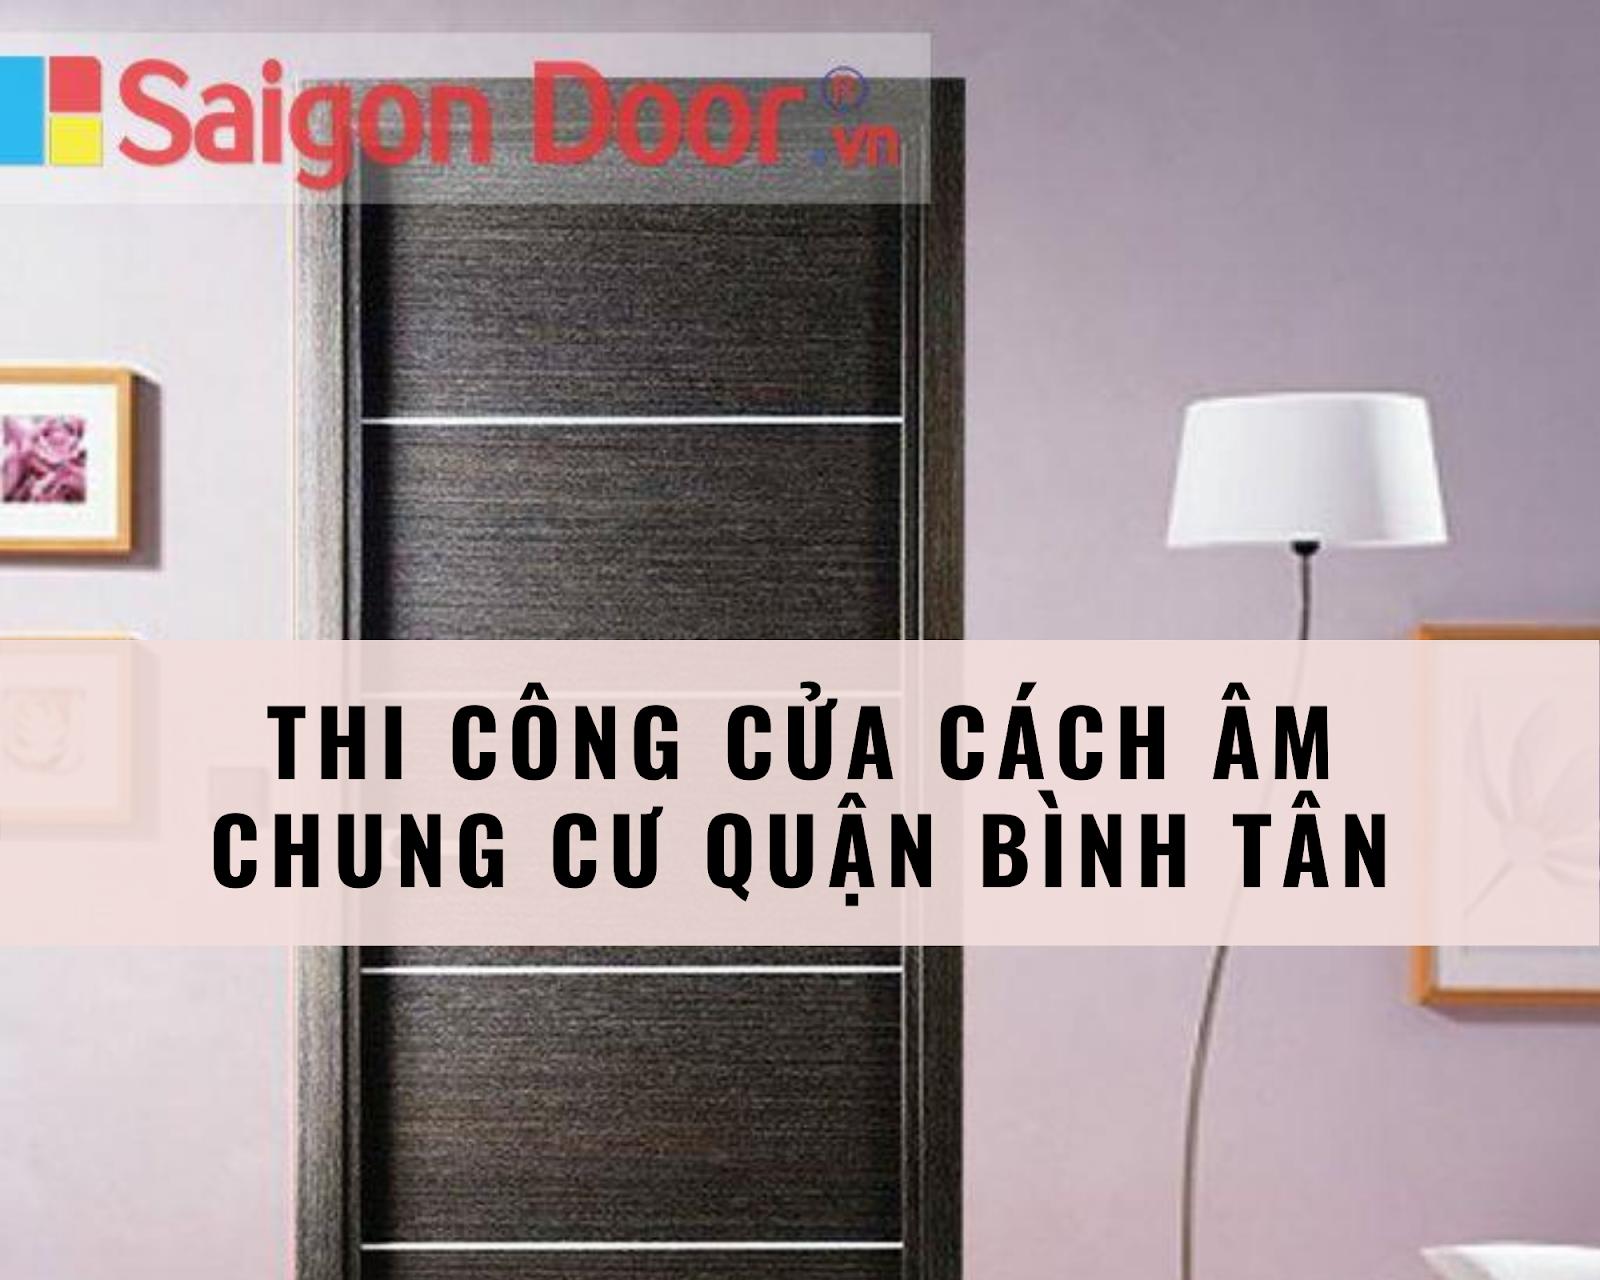 Dịch vụ thi công cửa cách âm chung cư quận Bình Tân hiện rất được quan tâm